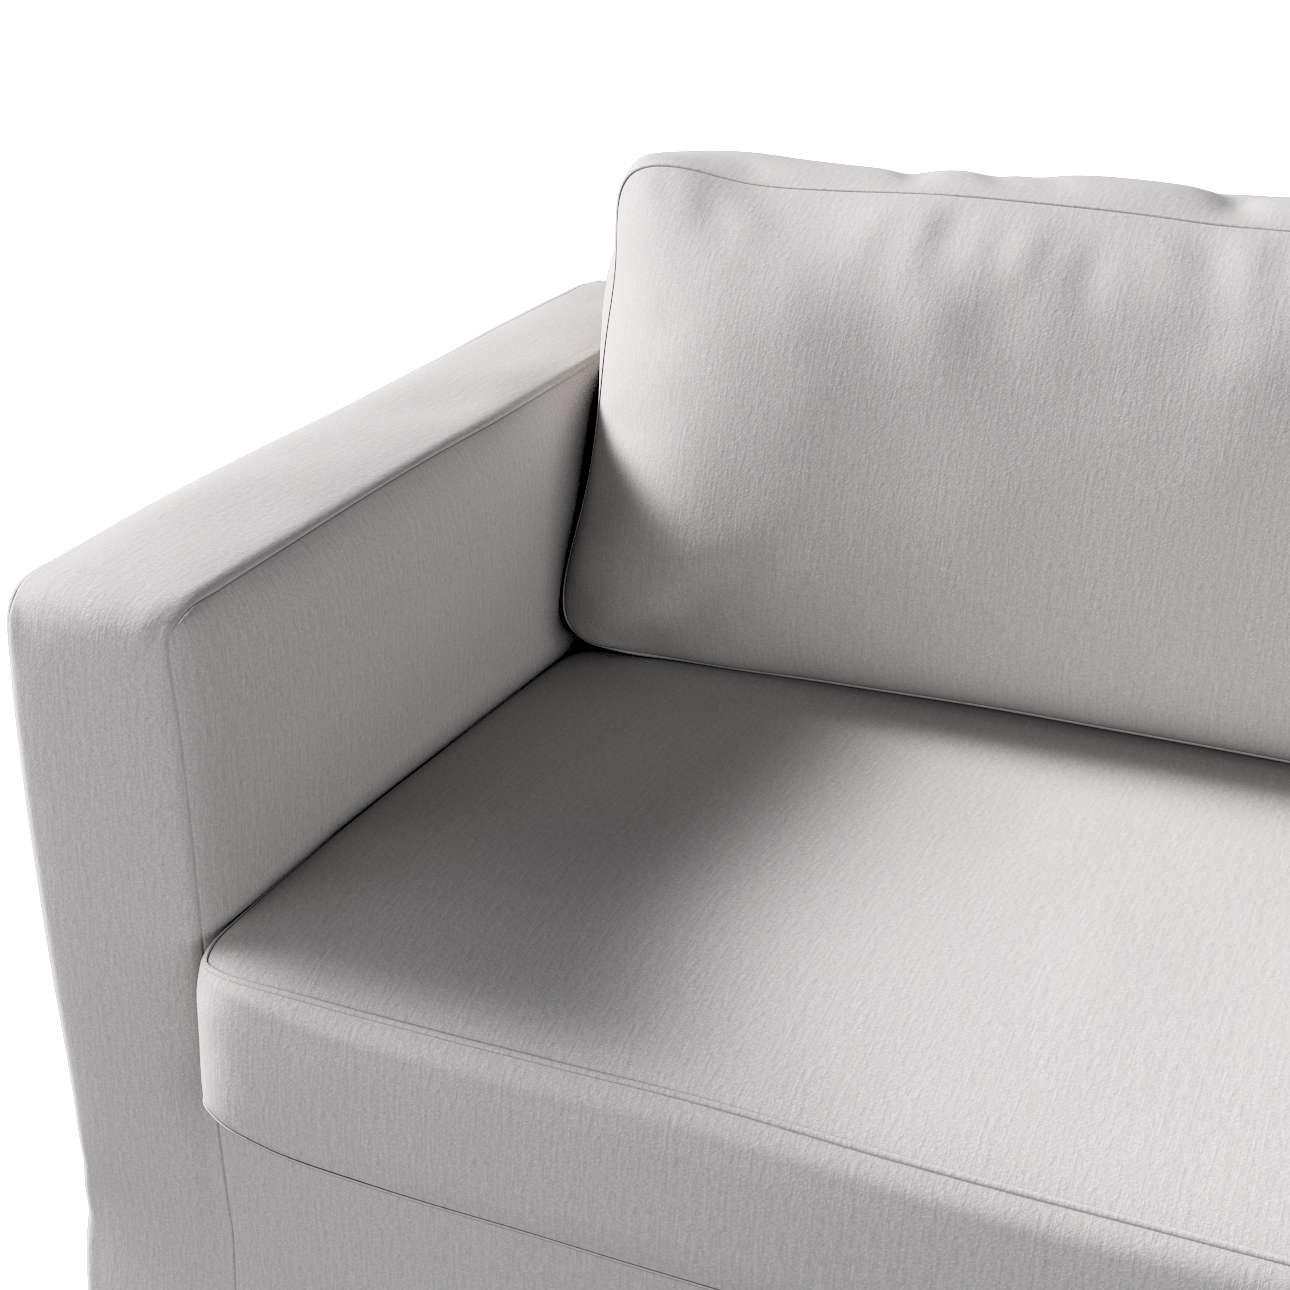 Pokrowiec na sofę Karlstad 3-osobową nierozkładaną, długi w kolekcji Chenille, tkanina: 702-23